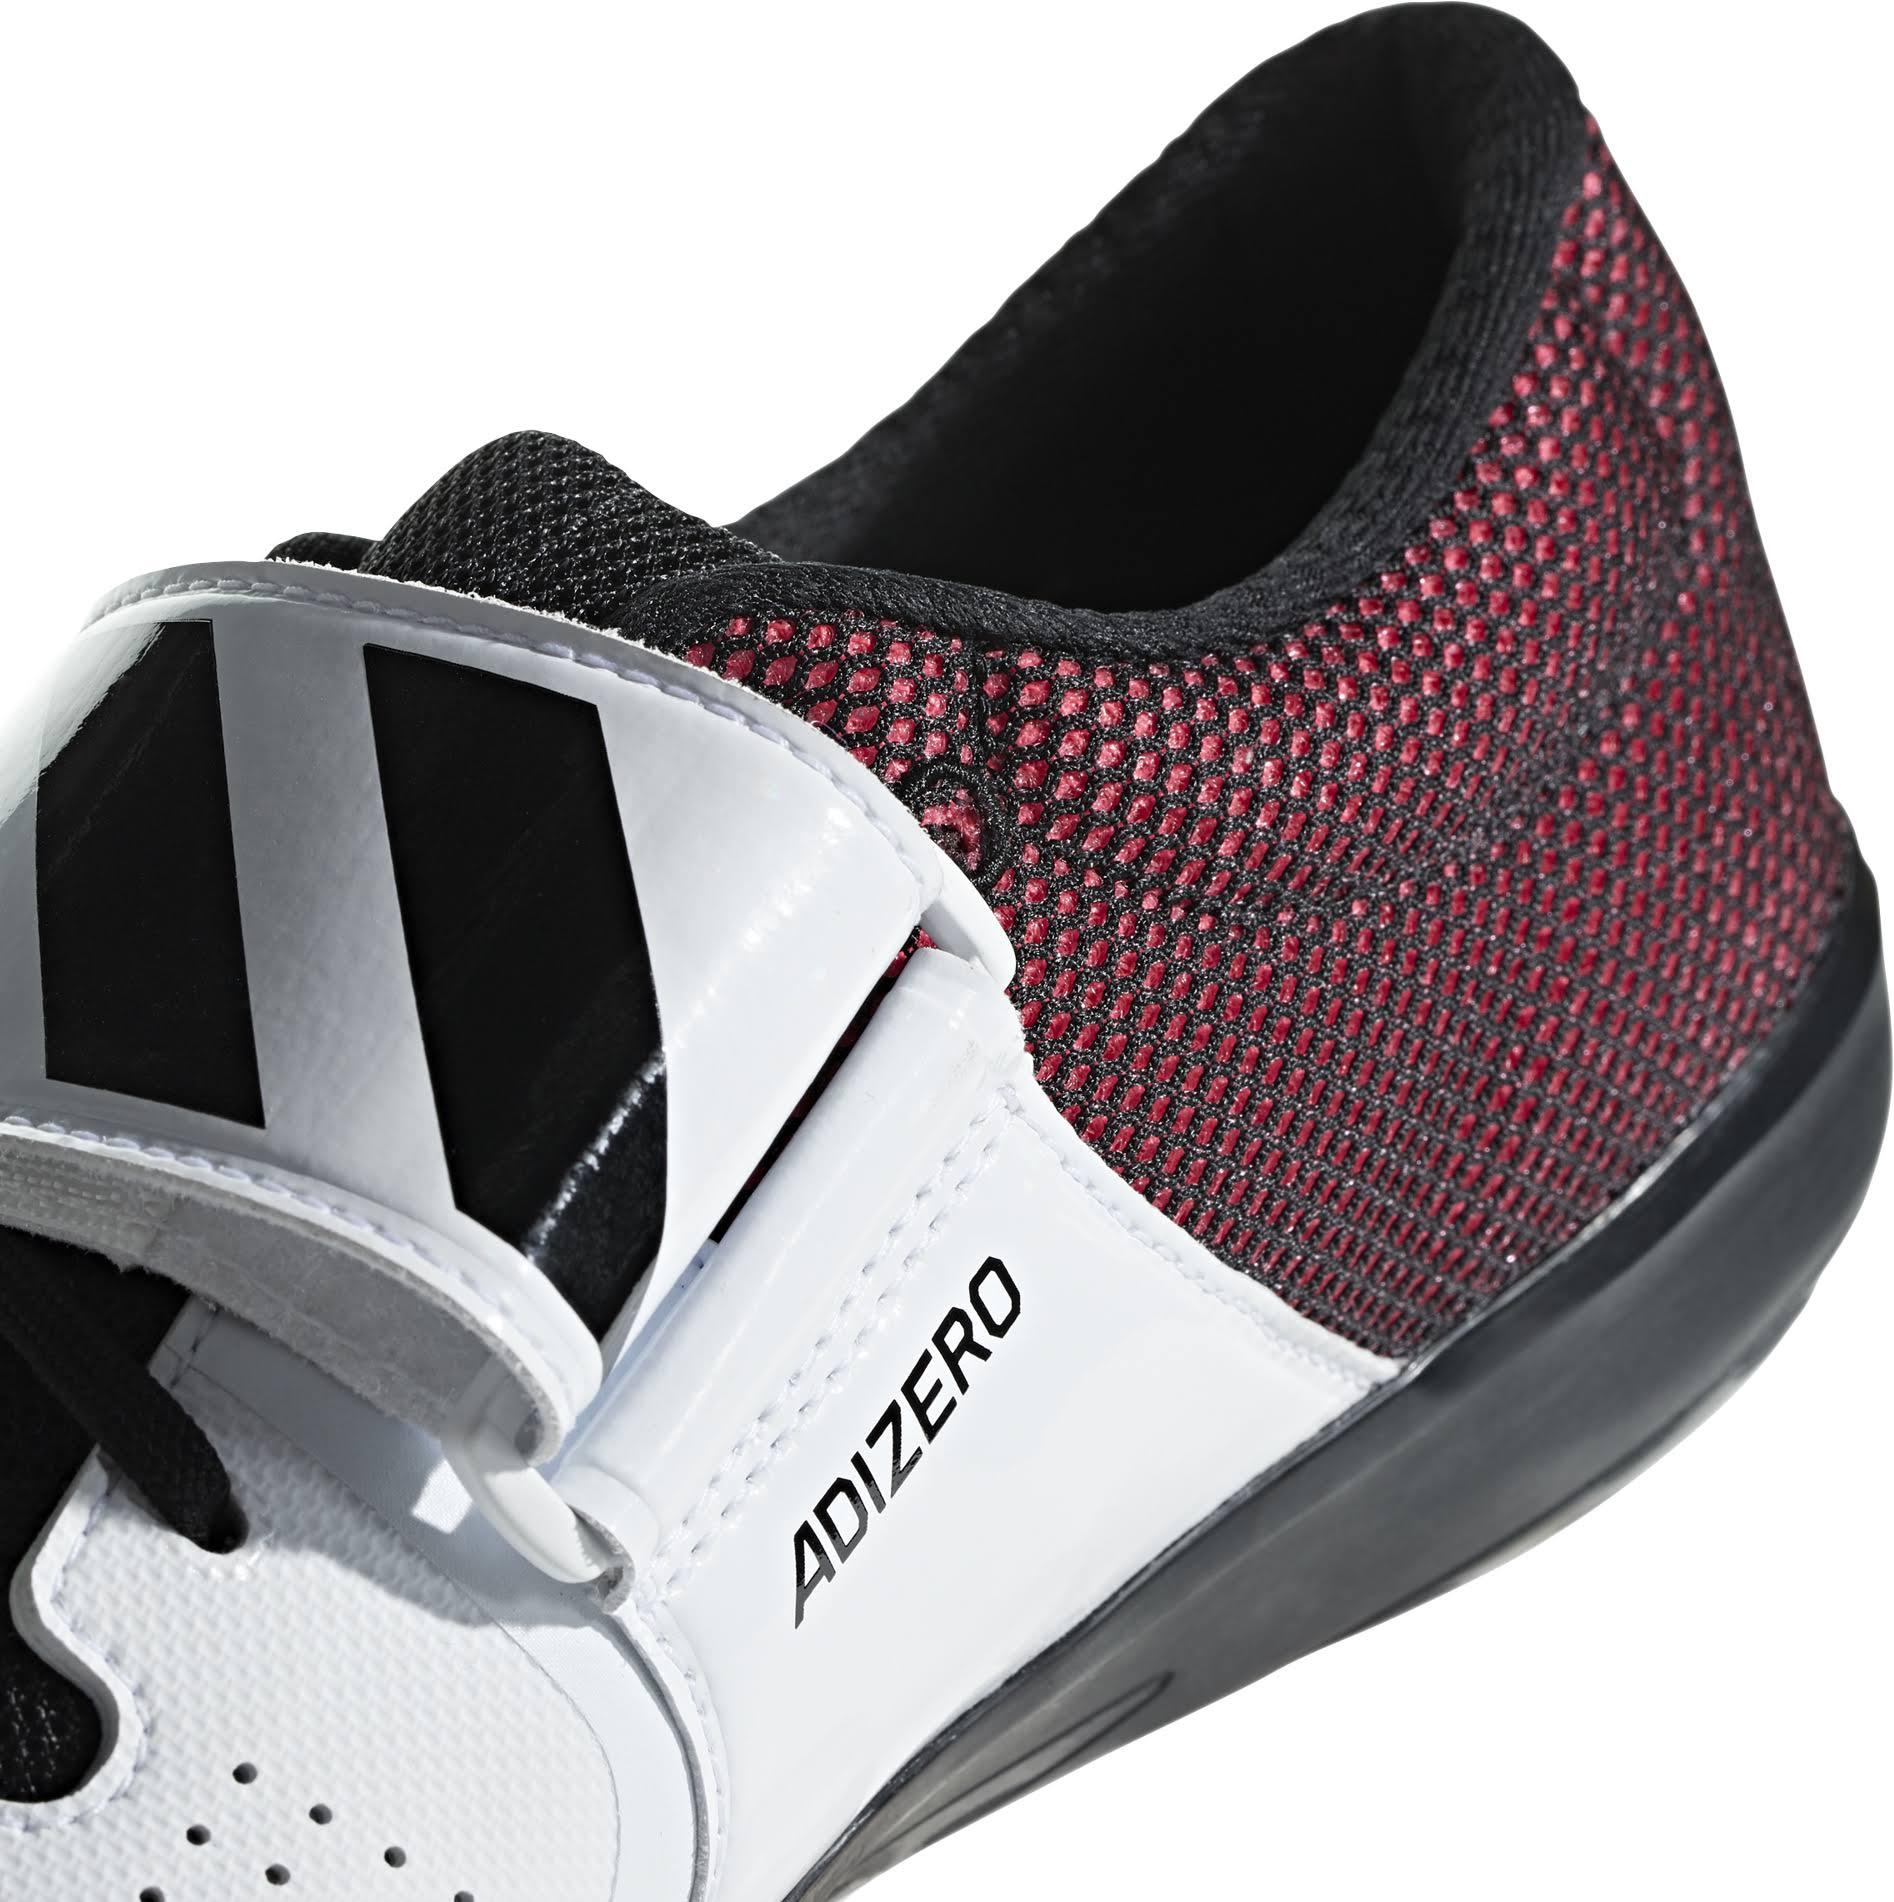 Adidas Adizero Shotput Shoe White - UK 10